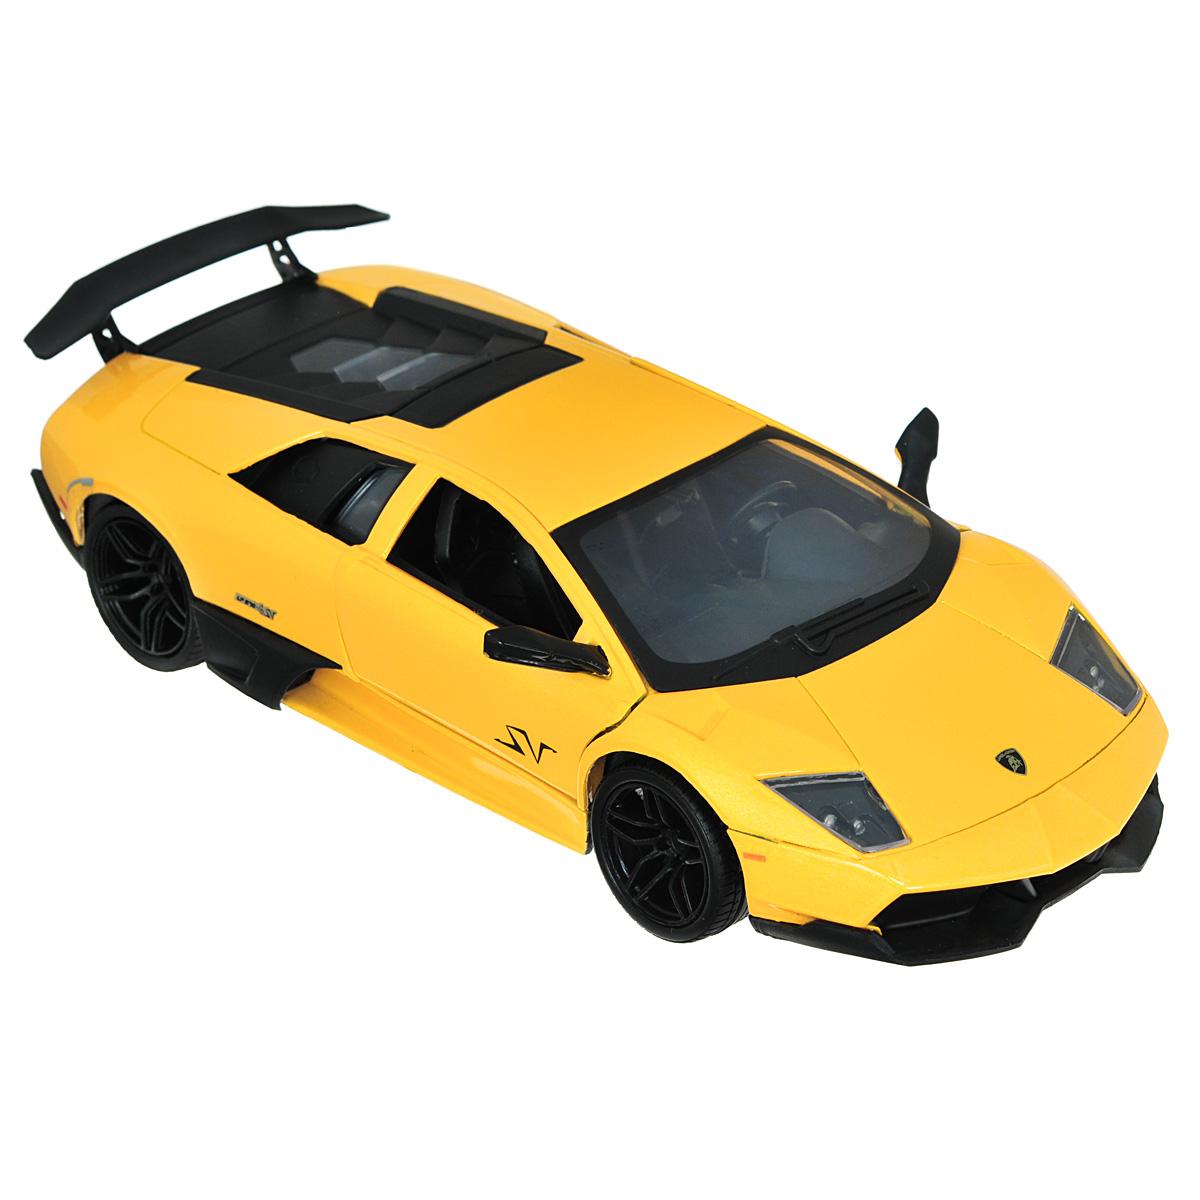 MotorMax Модель автомобиля Lamborghini Murcielago LP 670-4 SV цвет желтыйyellow_metallic/ast73350Коллекционная модель MotorMax Laмborghini Murcielago LP 670-4 SV станет хорошим подарком для любого ценителя автомобилей. Она имеет отличную детализацию и является уменьшенной копией настоящей машины. LP 670-4 SV - последняя модификация, разработанная в серии Lamborghini Murcielago. Это по-настоящему мощный и высокоскоростной спорткар, разгоняющийся до 100 км/ч за 3,2 секунды. О такой машине можно только мечтать! Масштабная модель от MotorMax позволяет насладиться великолепным авто. Она выполнена с высокой степенью детализации, поэтому вы можете рассмотреть даже мелкие детали интерьера, открыв дверь своего Lamborghini. Под капотом таится тщательно выполненный моторный отсек. У машины открываются двери и капот, а также поворачиваются колеса. Корпус машинки отлит из металла, салон декорирован пластиком, а на колесах авто - резиновые шины.